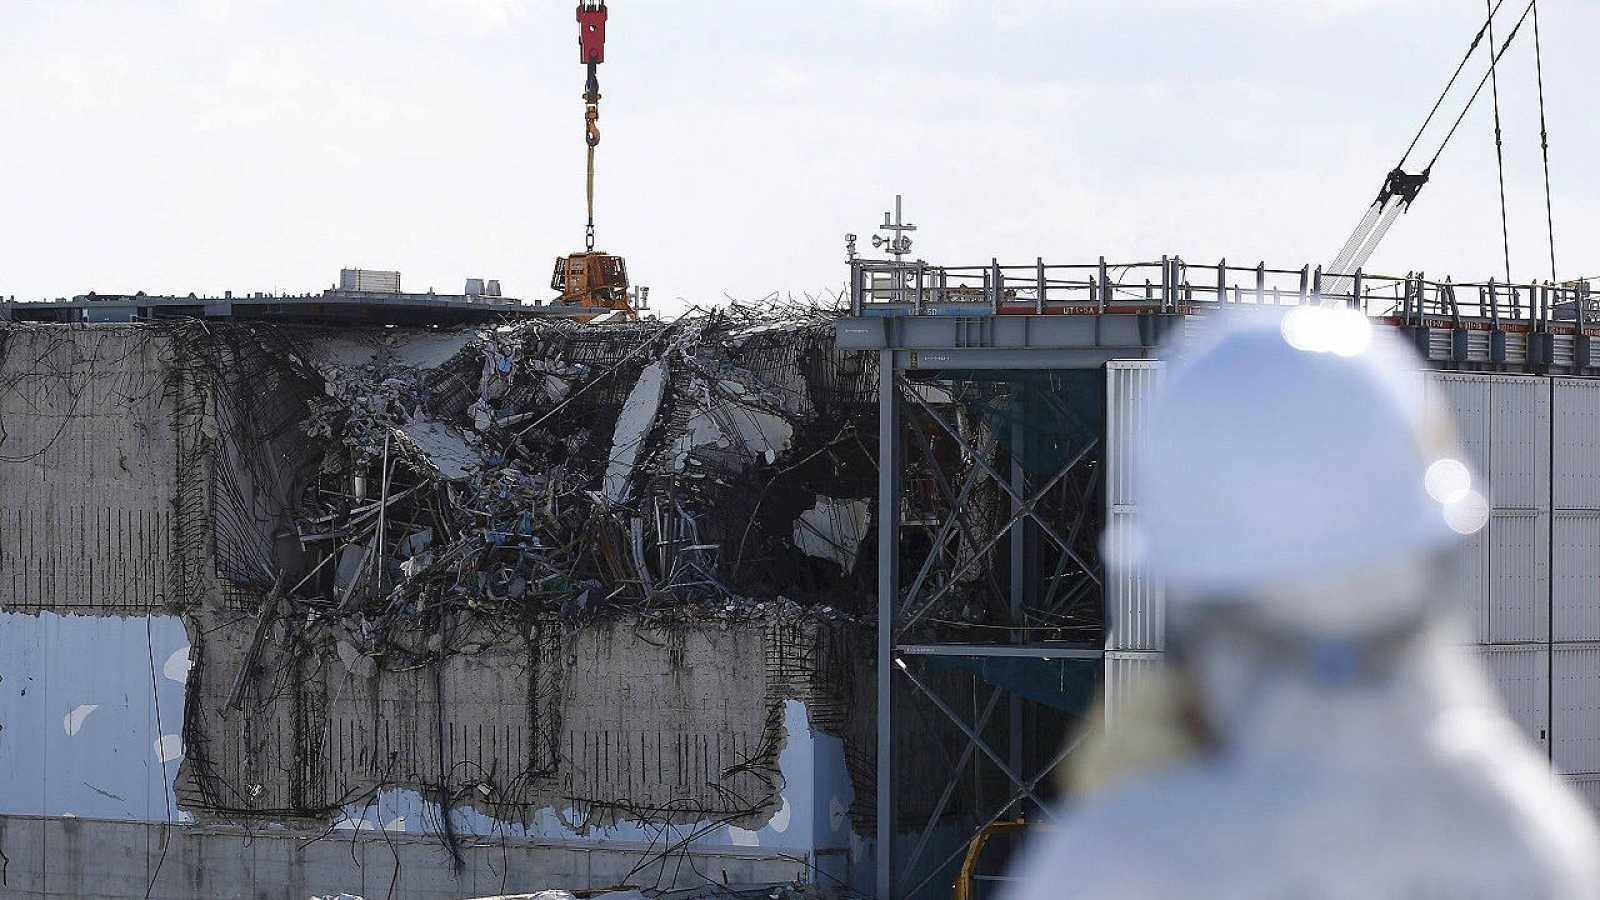 Imagen del reactor número 3 de la central de Fukushima Daiichi (Japón) dañado tras el terremoto y posterior tsunami. REUTERS/Toru Hanai/Files